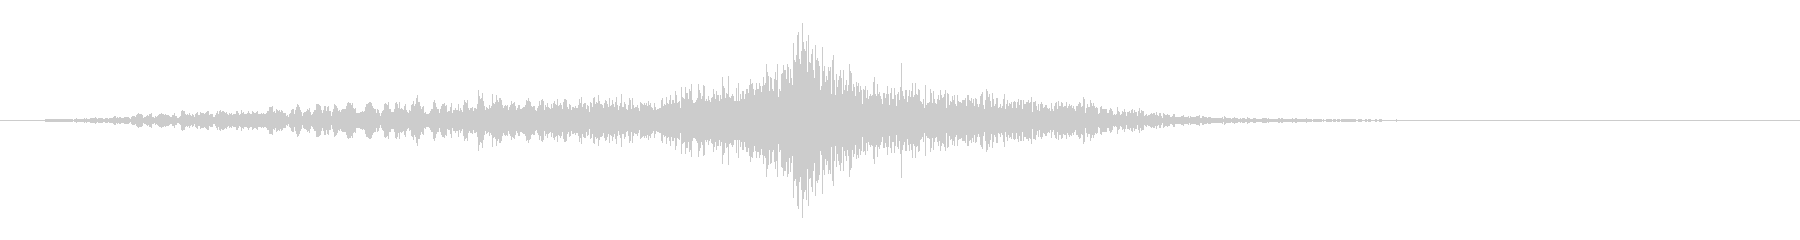 メタリックトーンによるディープイン...の未再生の波形